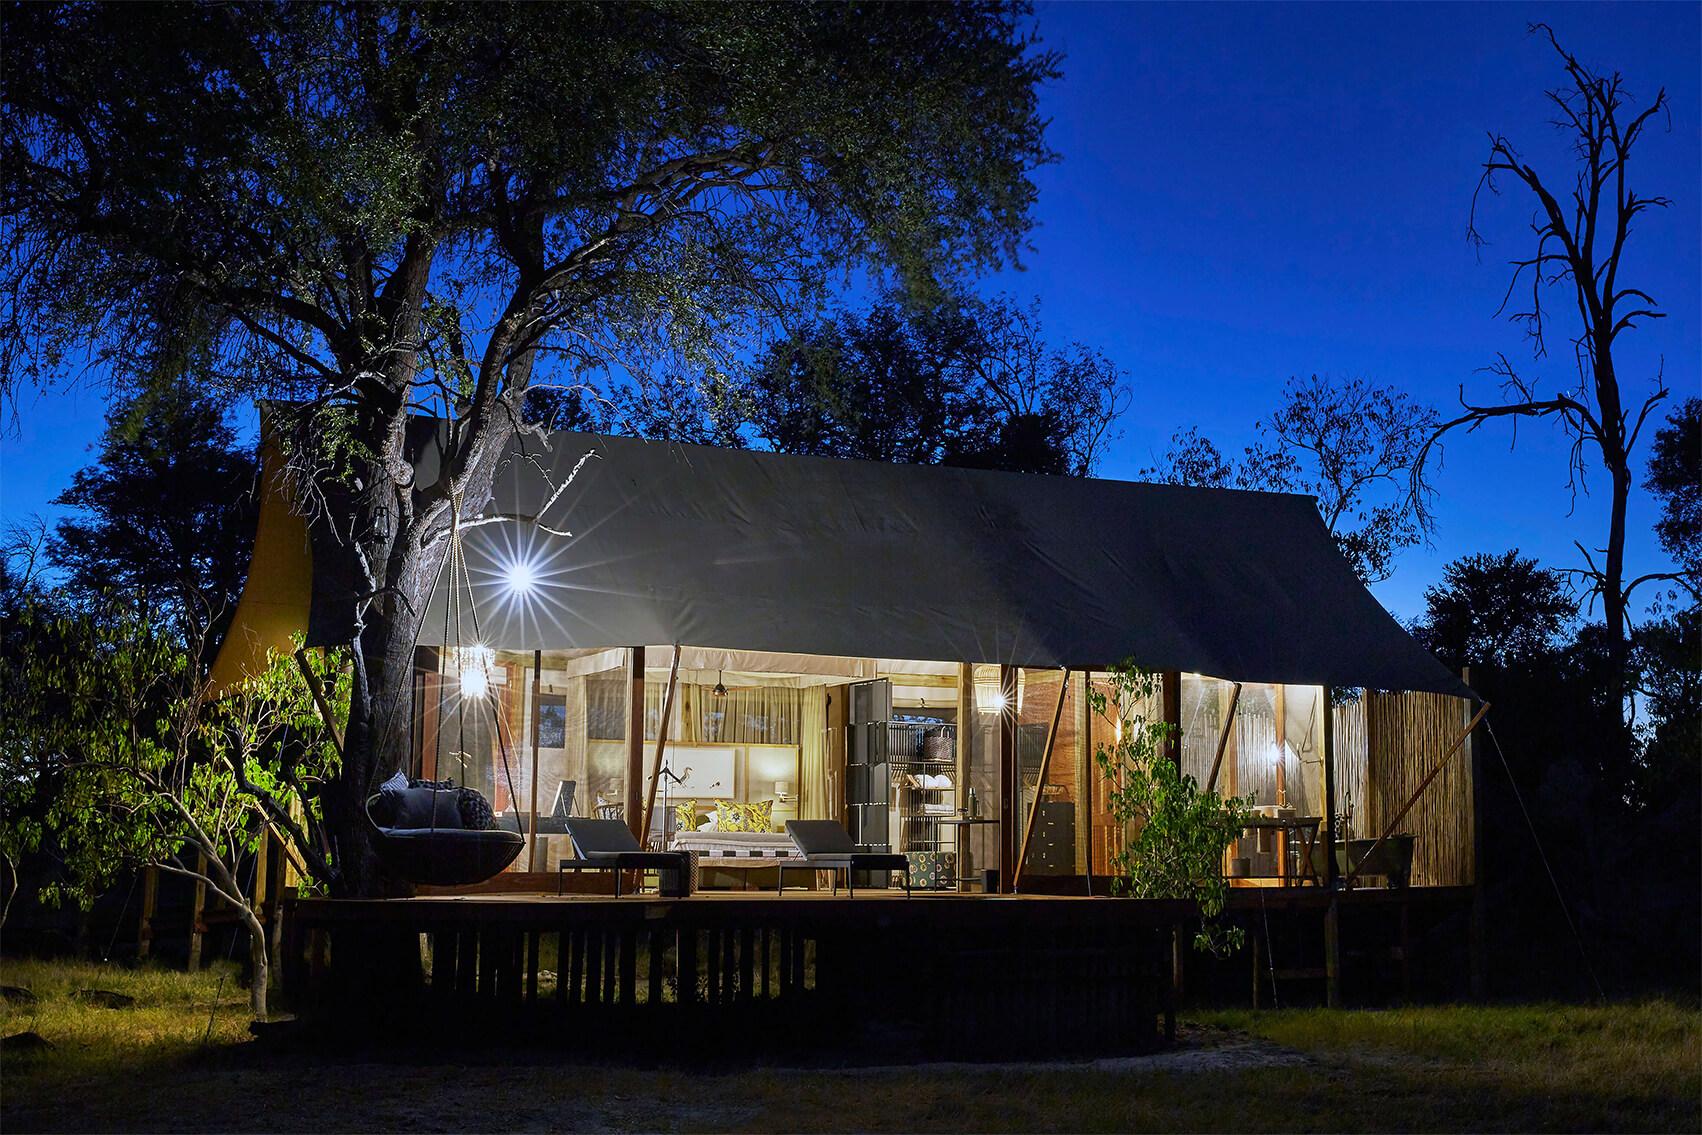 8Tuludi - Bedroom exterior at night.jpg